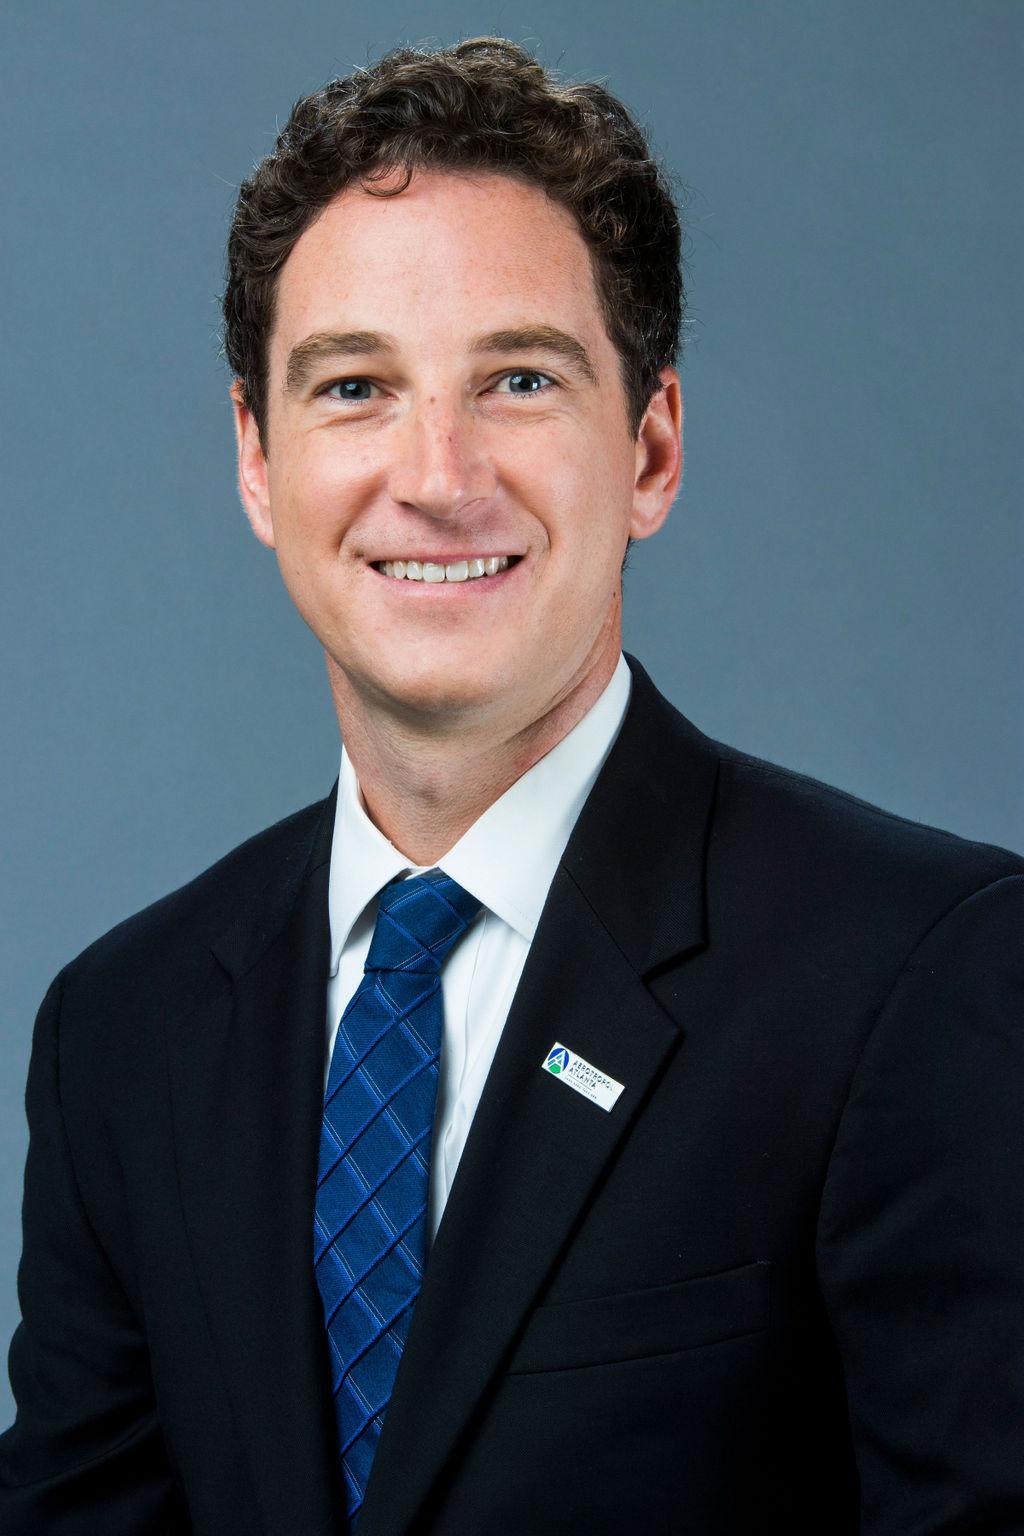 Robert Herrig